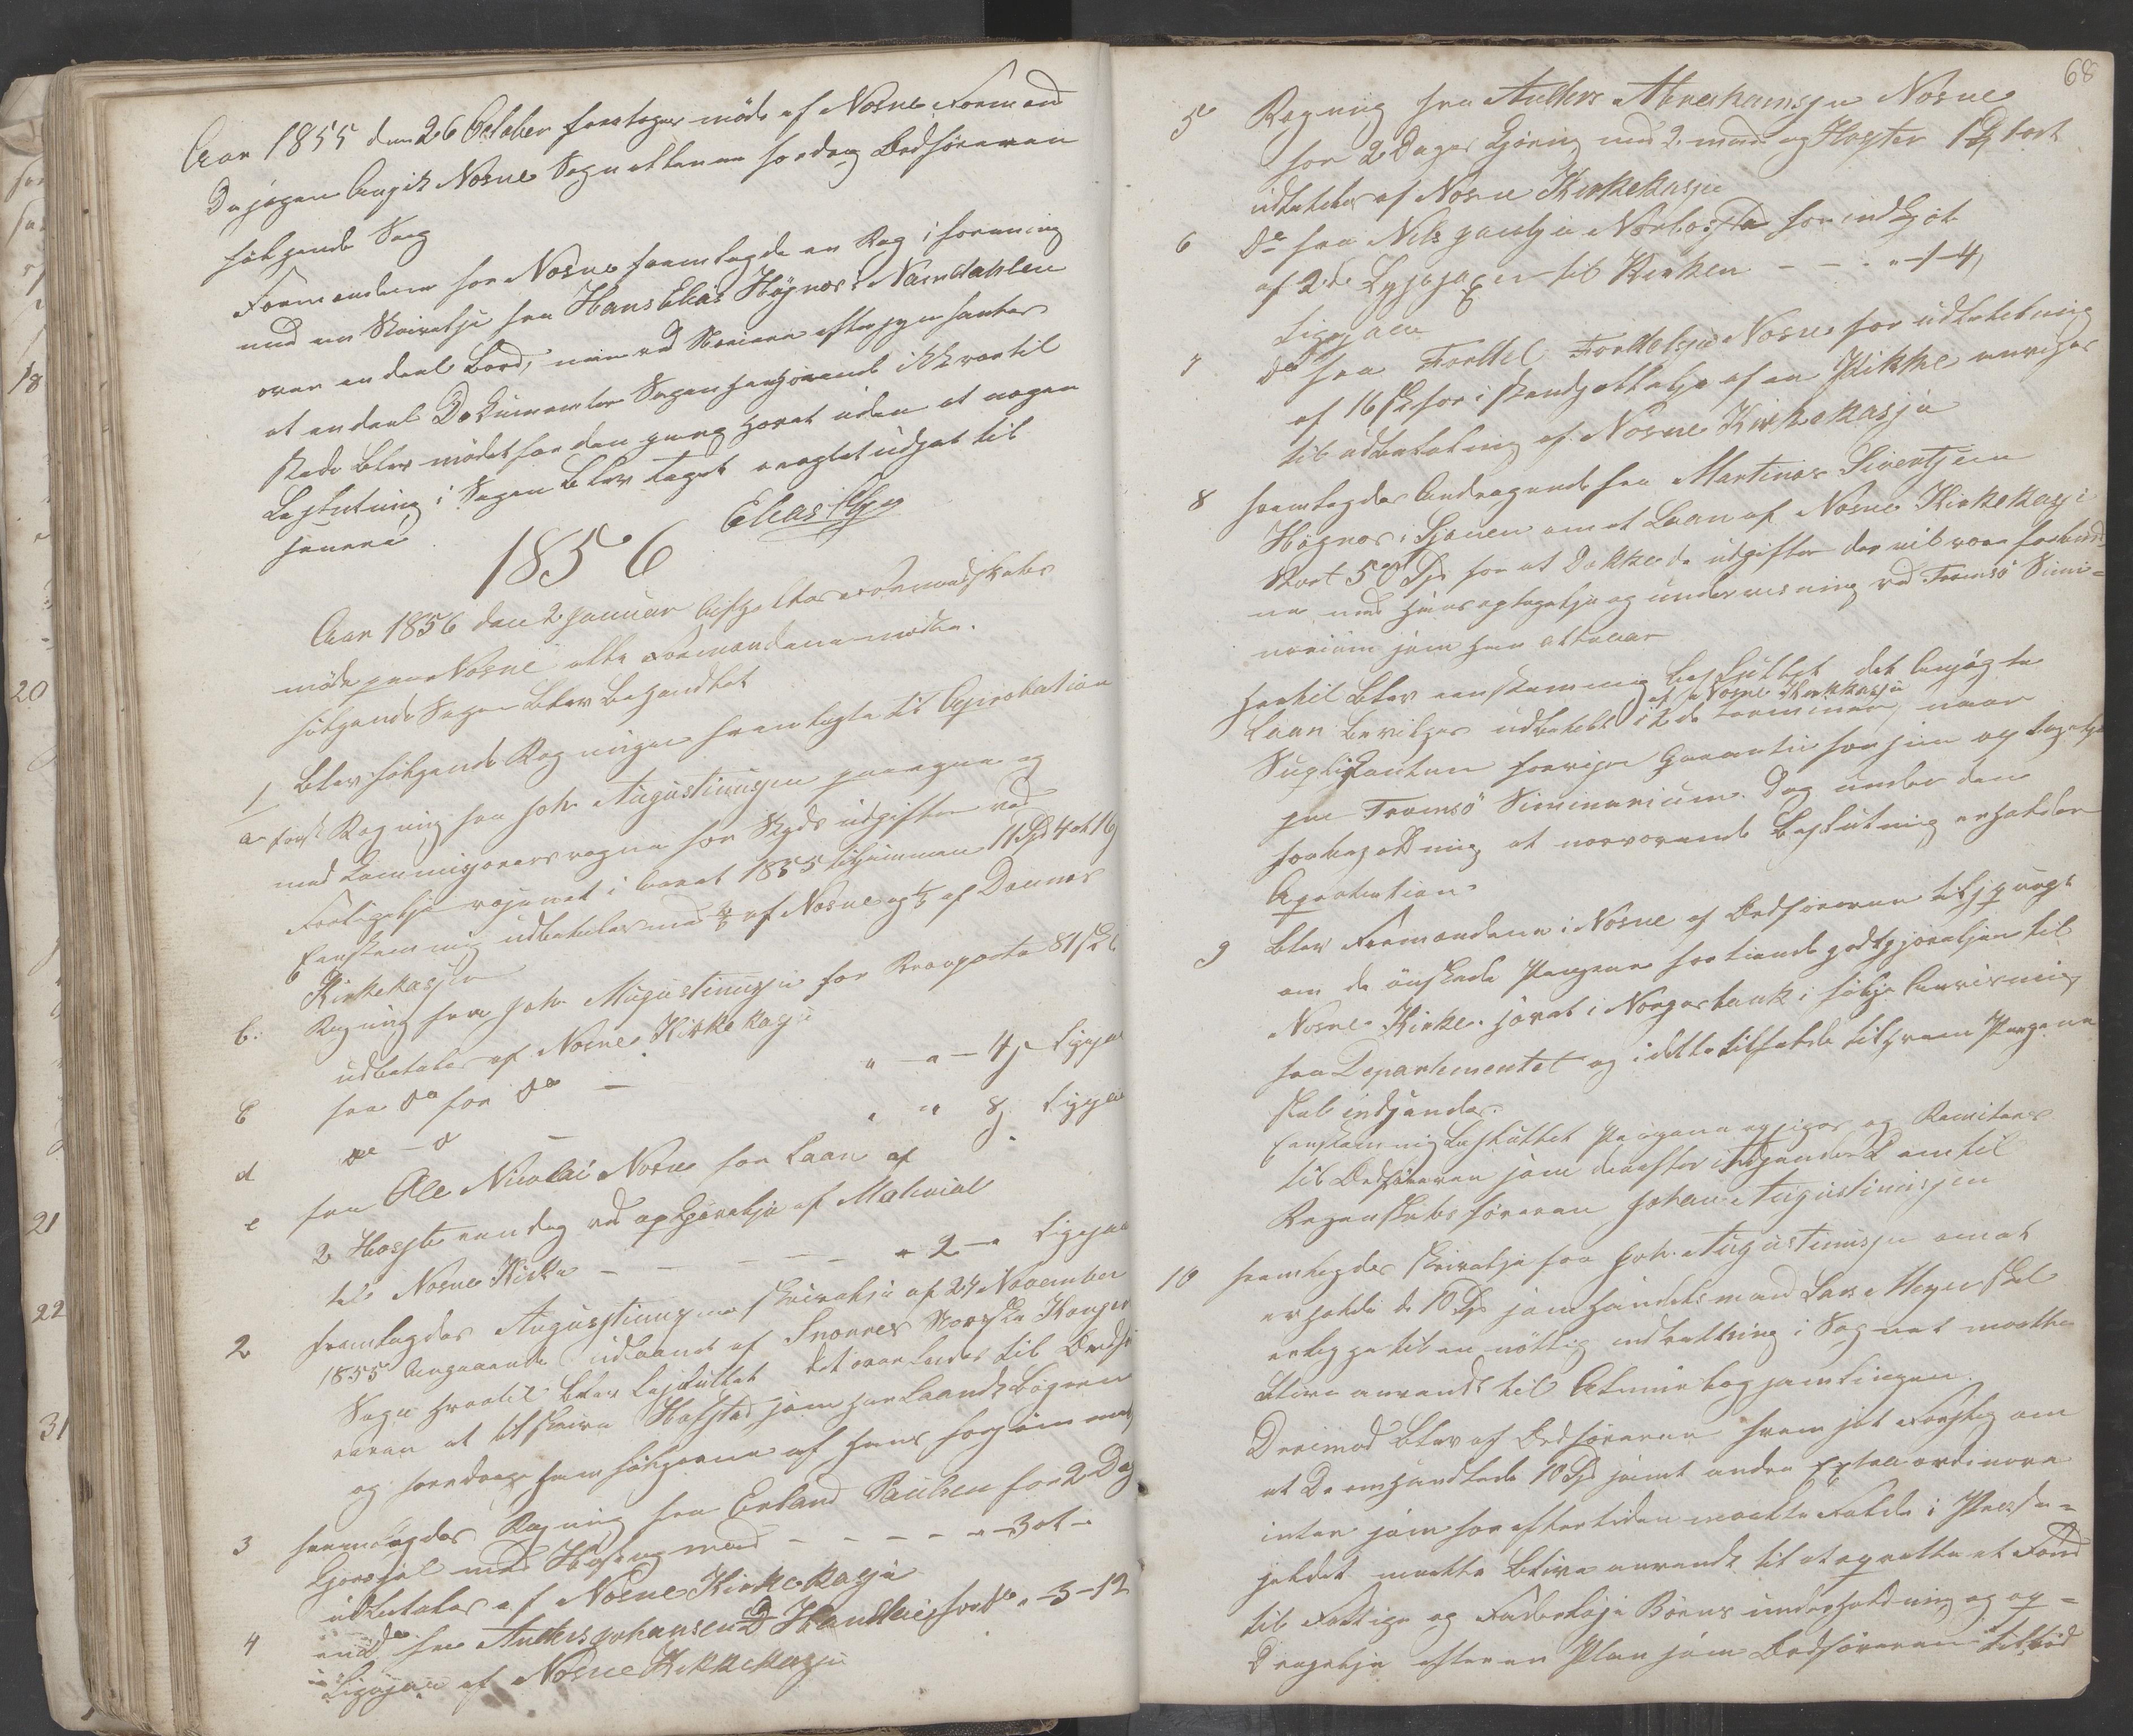 AIN, Nesna kommune. Formannskapet, 100/L0001: Møtebok, 1838-1873, s. 68